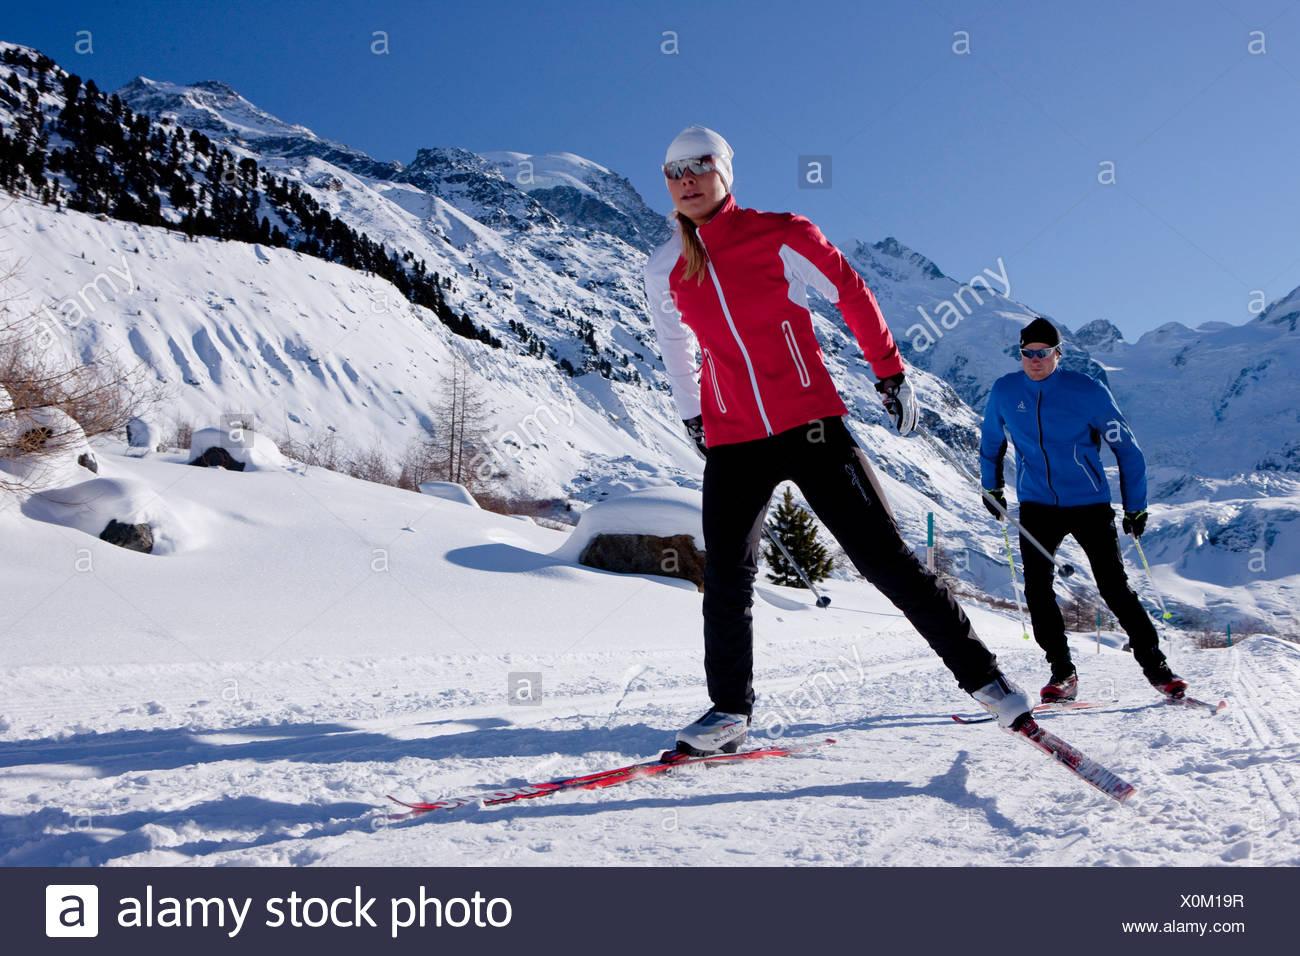 cross-country, ski, Bernina massif, Bernina, winter, canton, GR, Graubünden, Grisons, Engadin, Engadine, Oberengadin, cross-coun - Stock Image